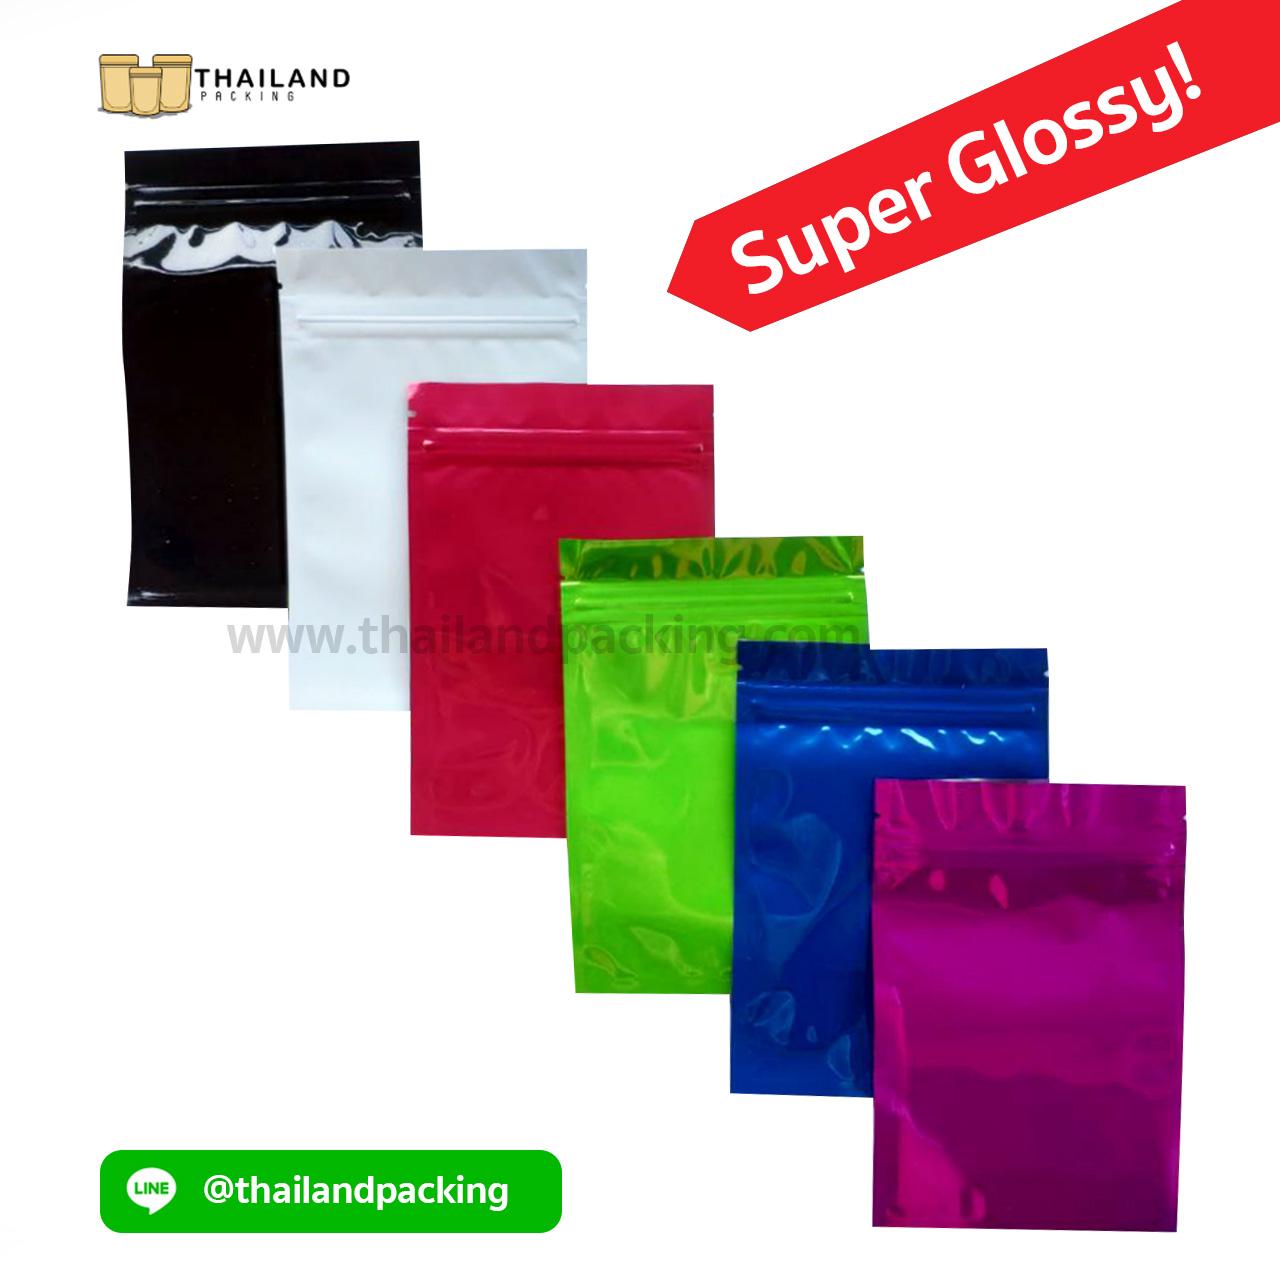 ถุงซิปล็อค อลูมิไนซ์ เงา ตั้งไม่ได้ (Super Glossy)